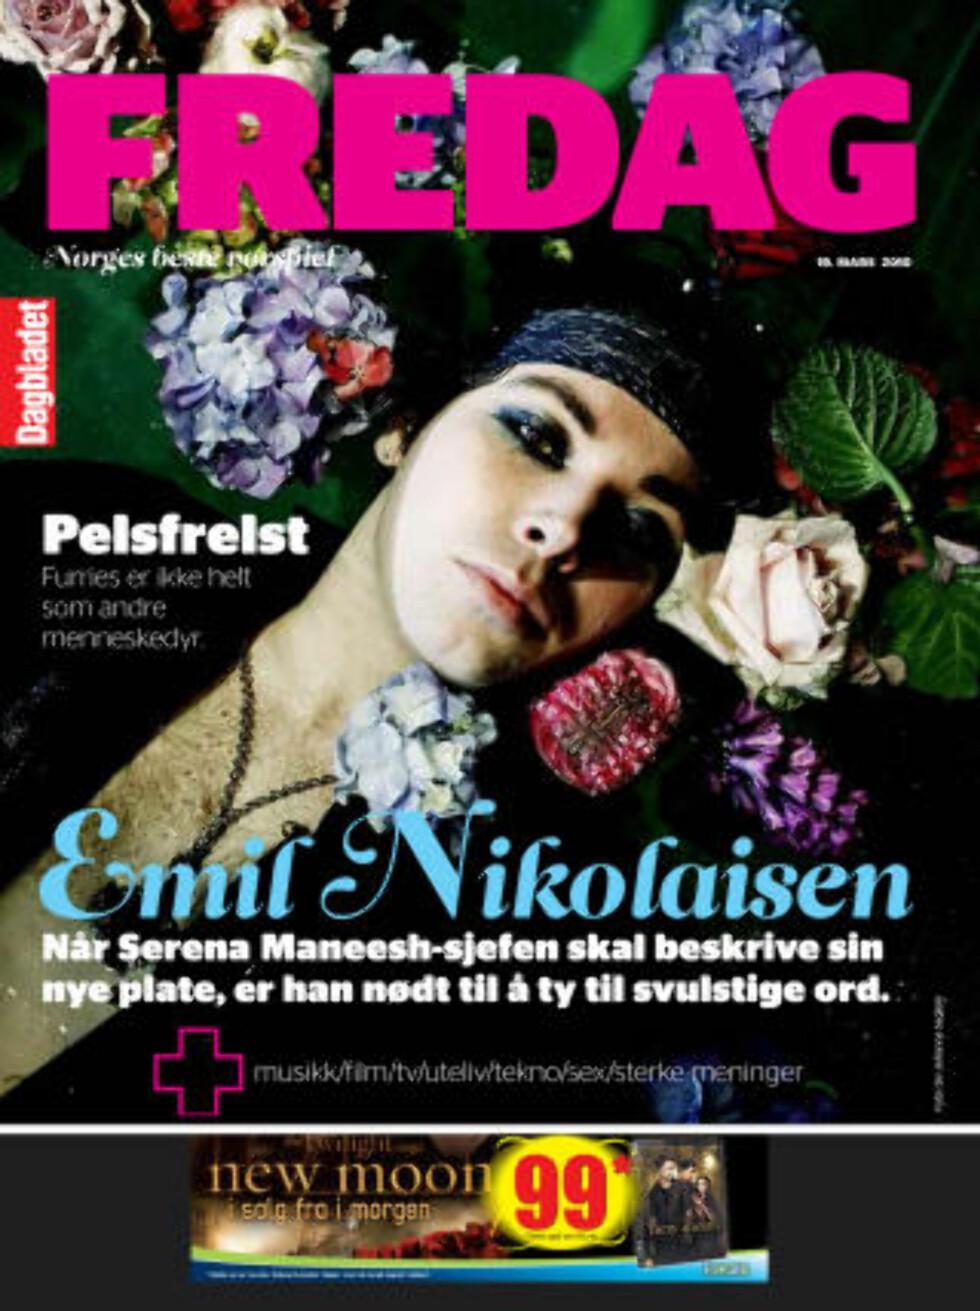 PÅ TRYKK: Reportasjen om de norske furriene står på trykk i siste FREDAG.